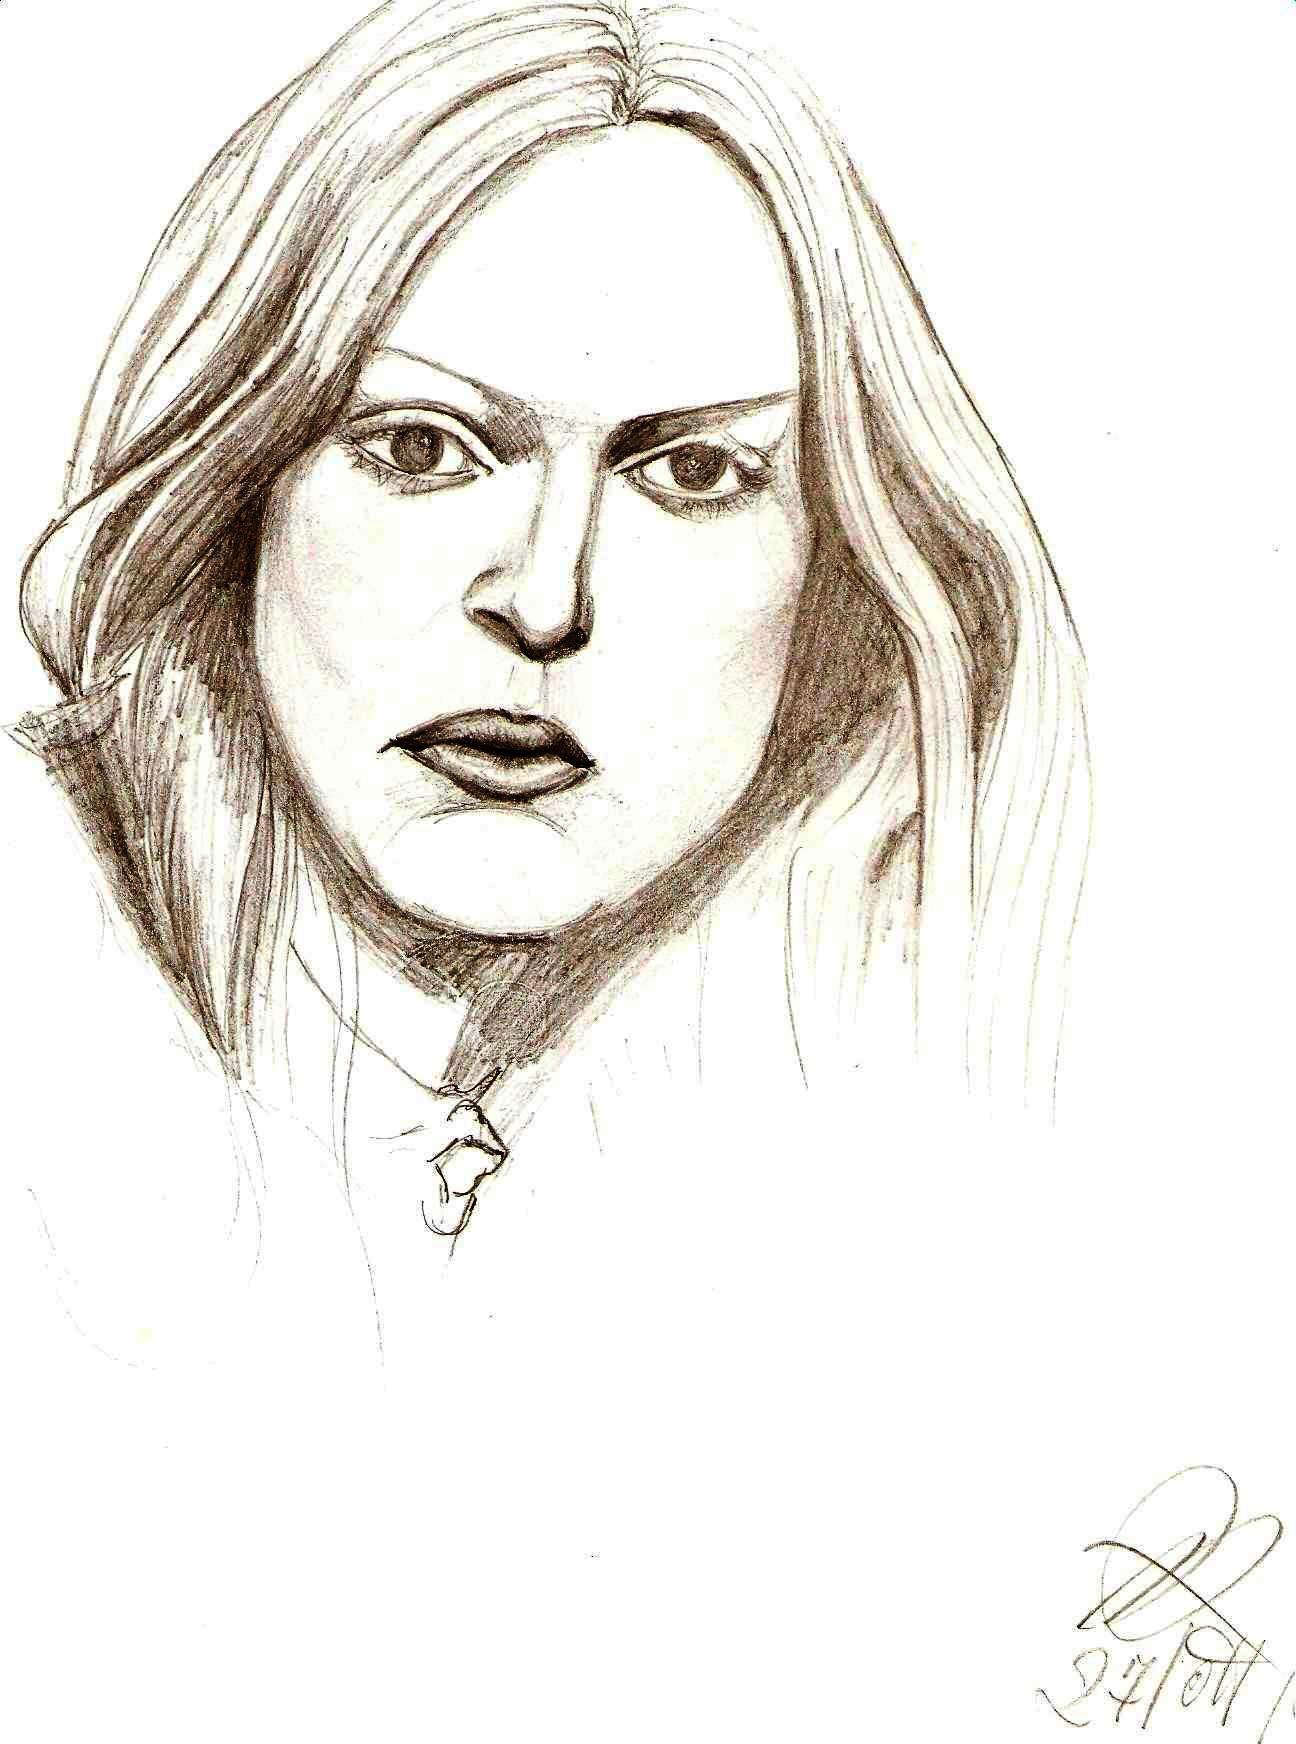 Ritratto, 2007 matita su foglio A4 -Pasquale Mastrogiacomo, Acerno(SA).